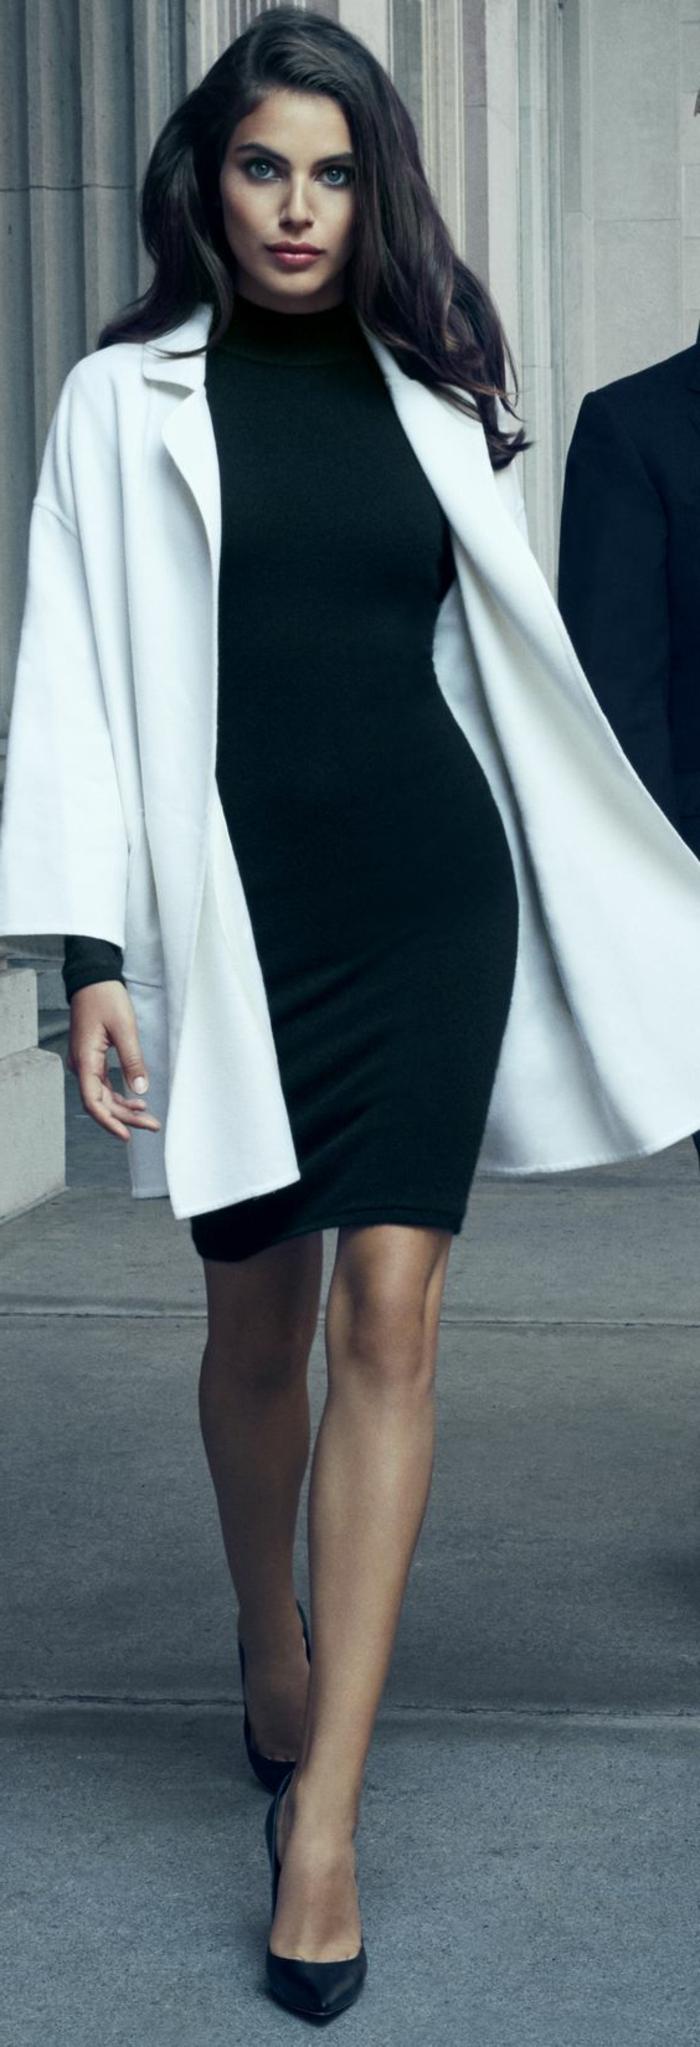 Dresscode Sportlich Elegant Damen sportlich elegant festliche mode damen sweatshirt black